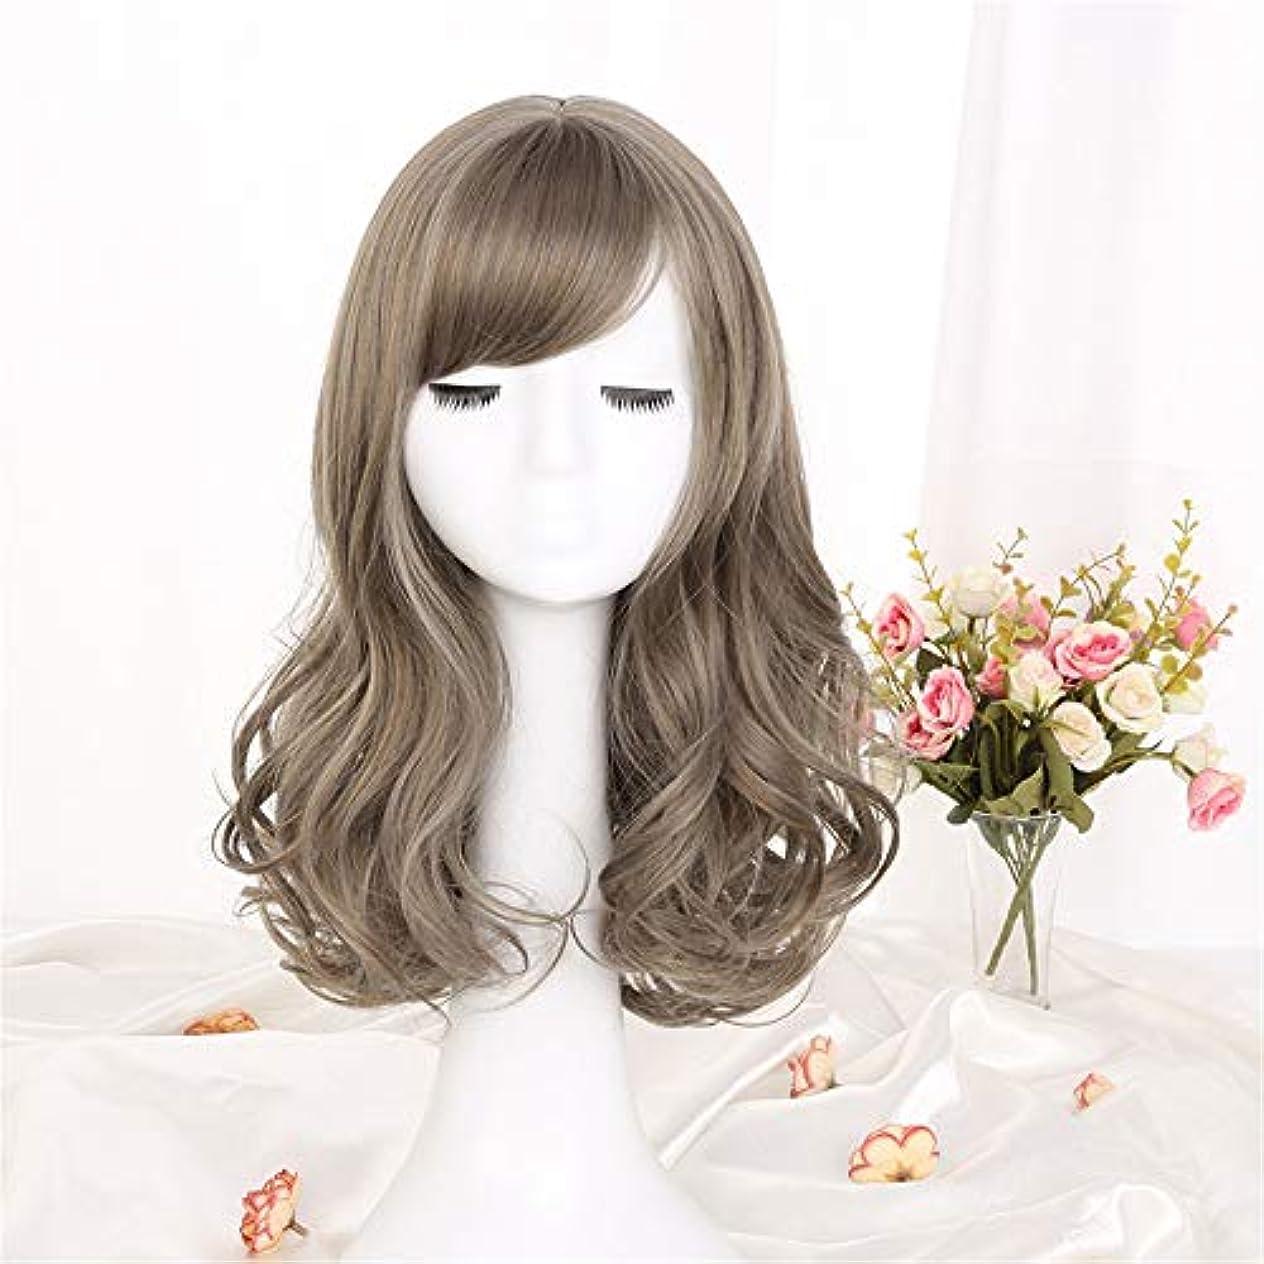 スピーカー血統ブルーベルウィッグ髪化学繊維フードミディアム長波高温合成繊維ウィッグ女性用ウィッググリーンウッドリネンアッシュ42cm